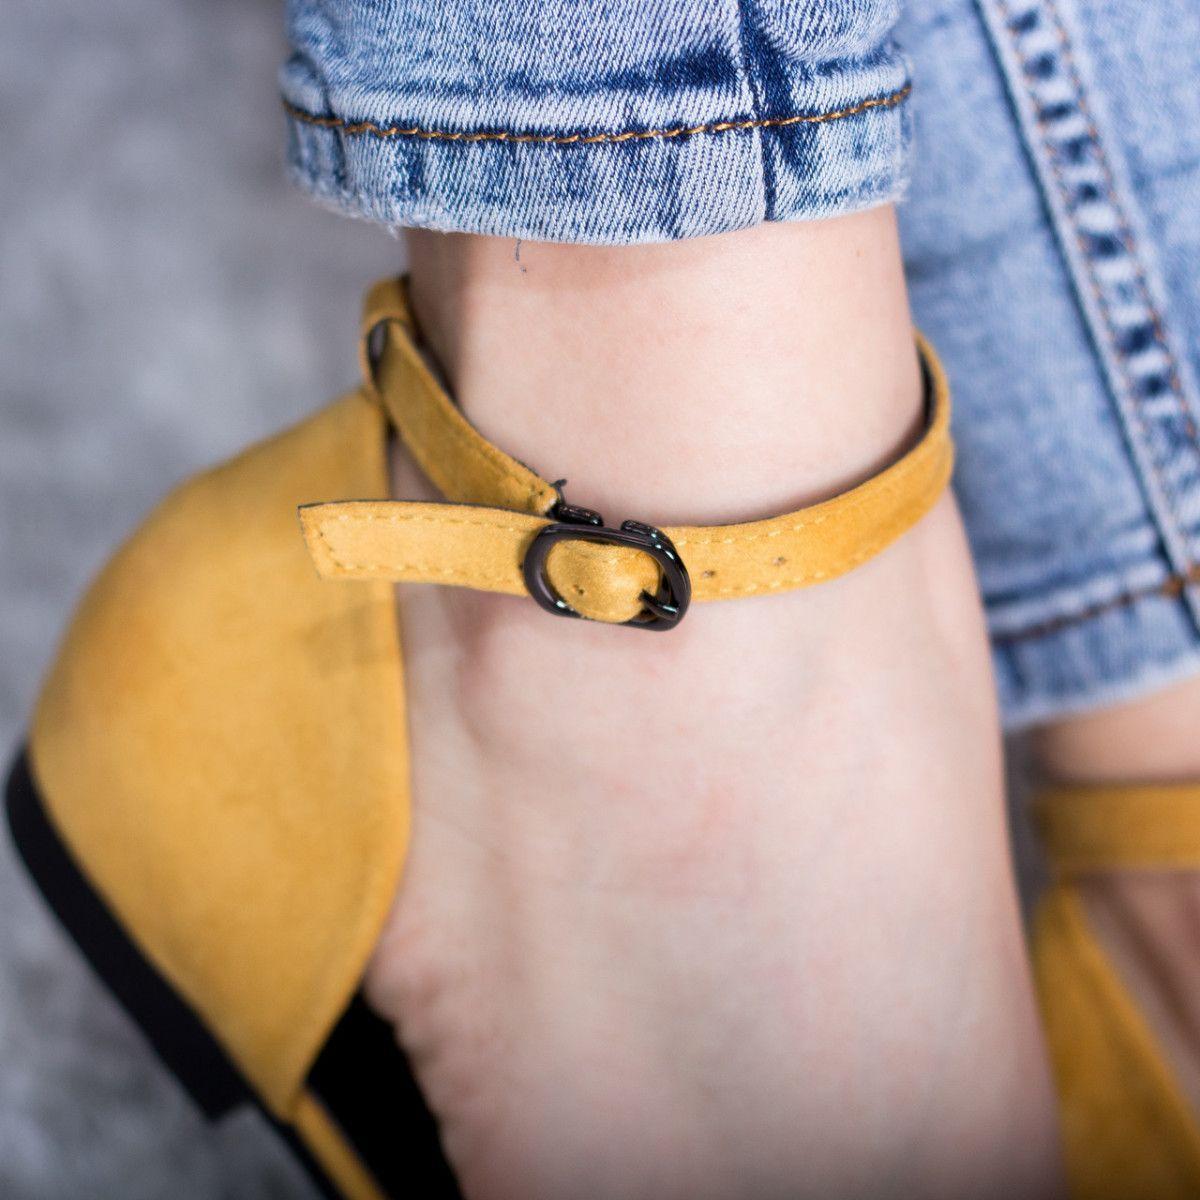 Туфлі жіночі Fashion Euki 2782 39 розмір 25 см Жовті